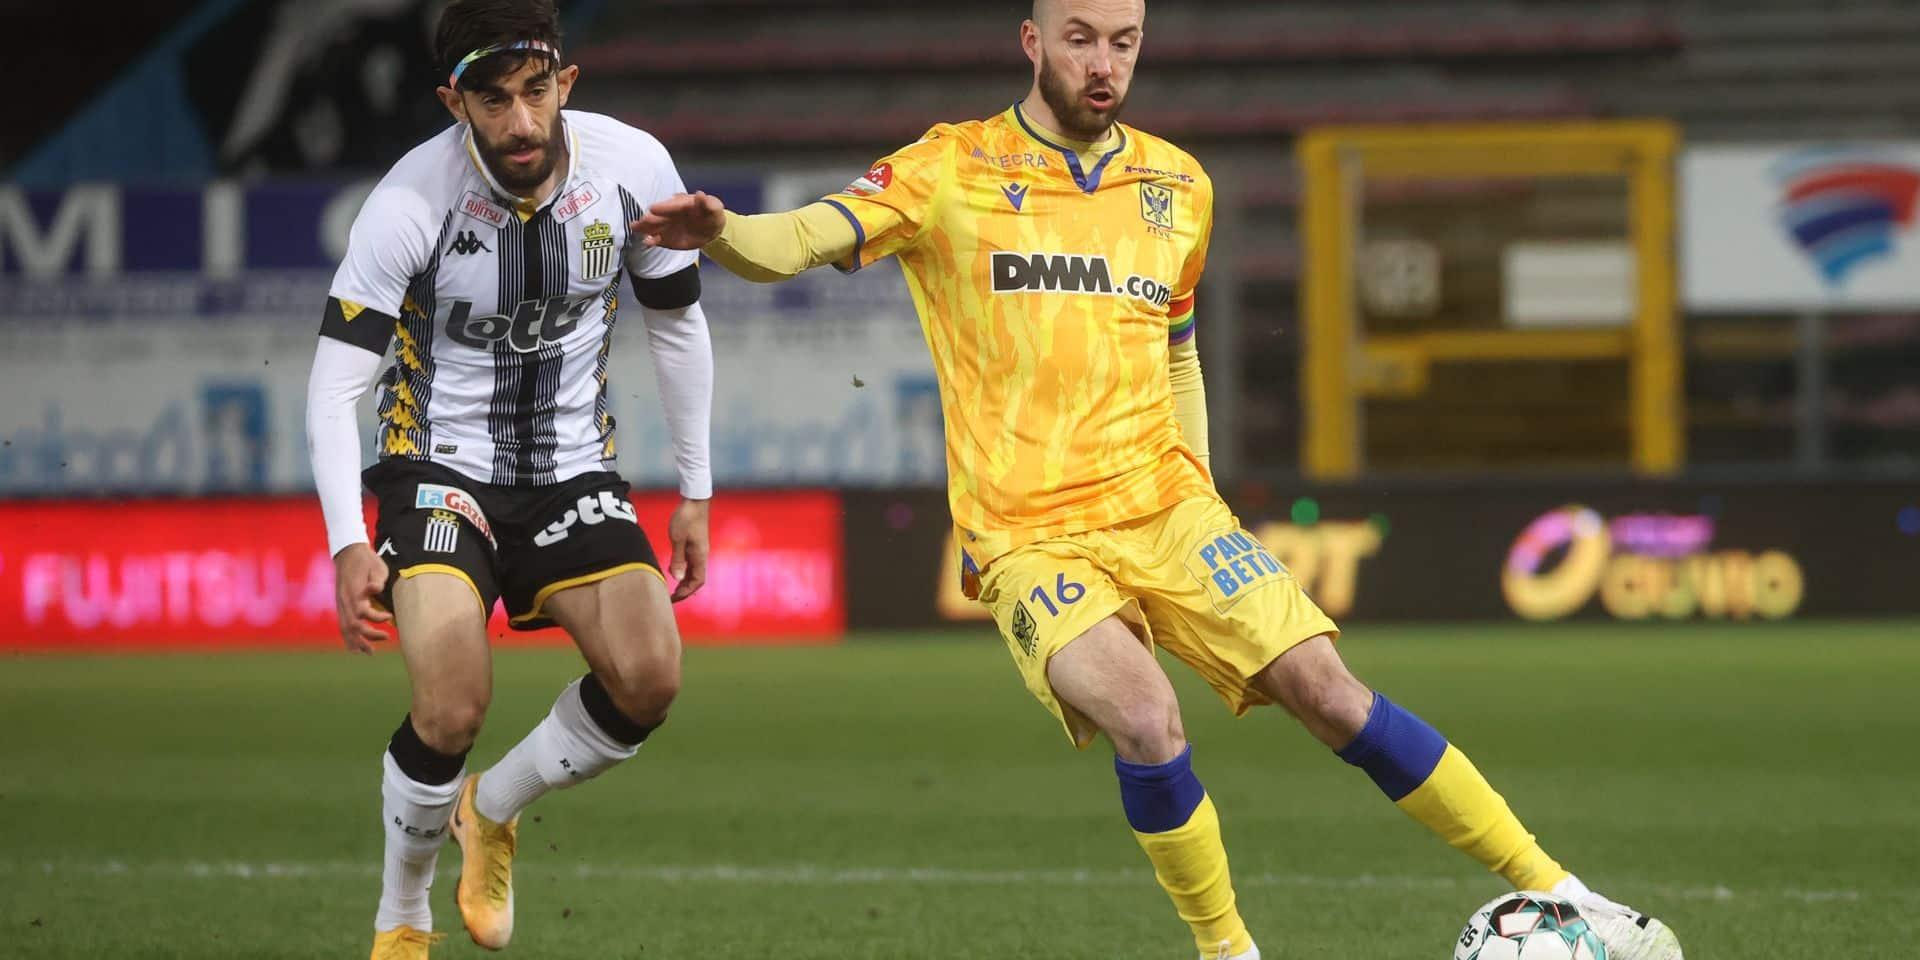 Nouvel échec offensif pour Charleroi: et dire que le Sporting devait jouer de manière offensive